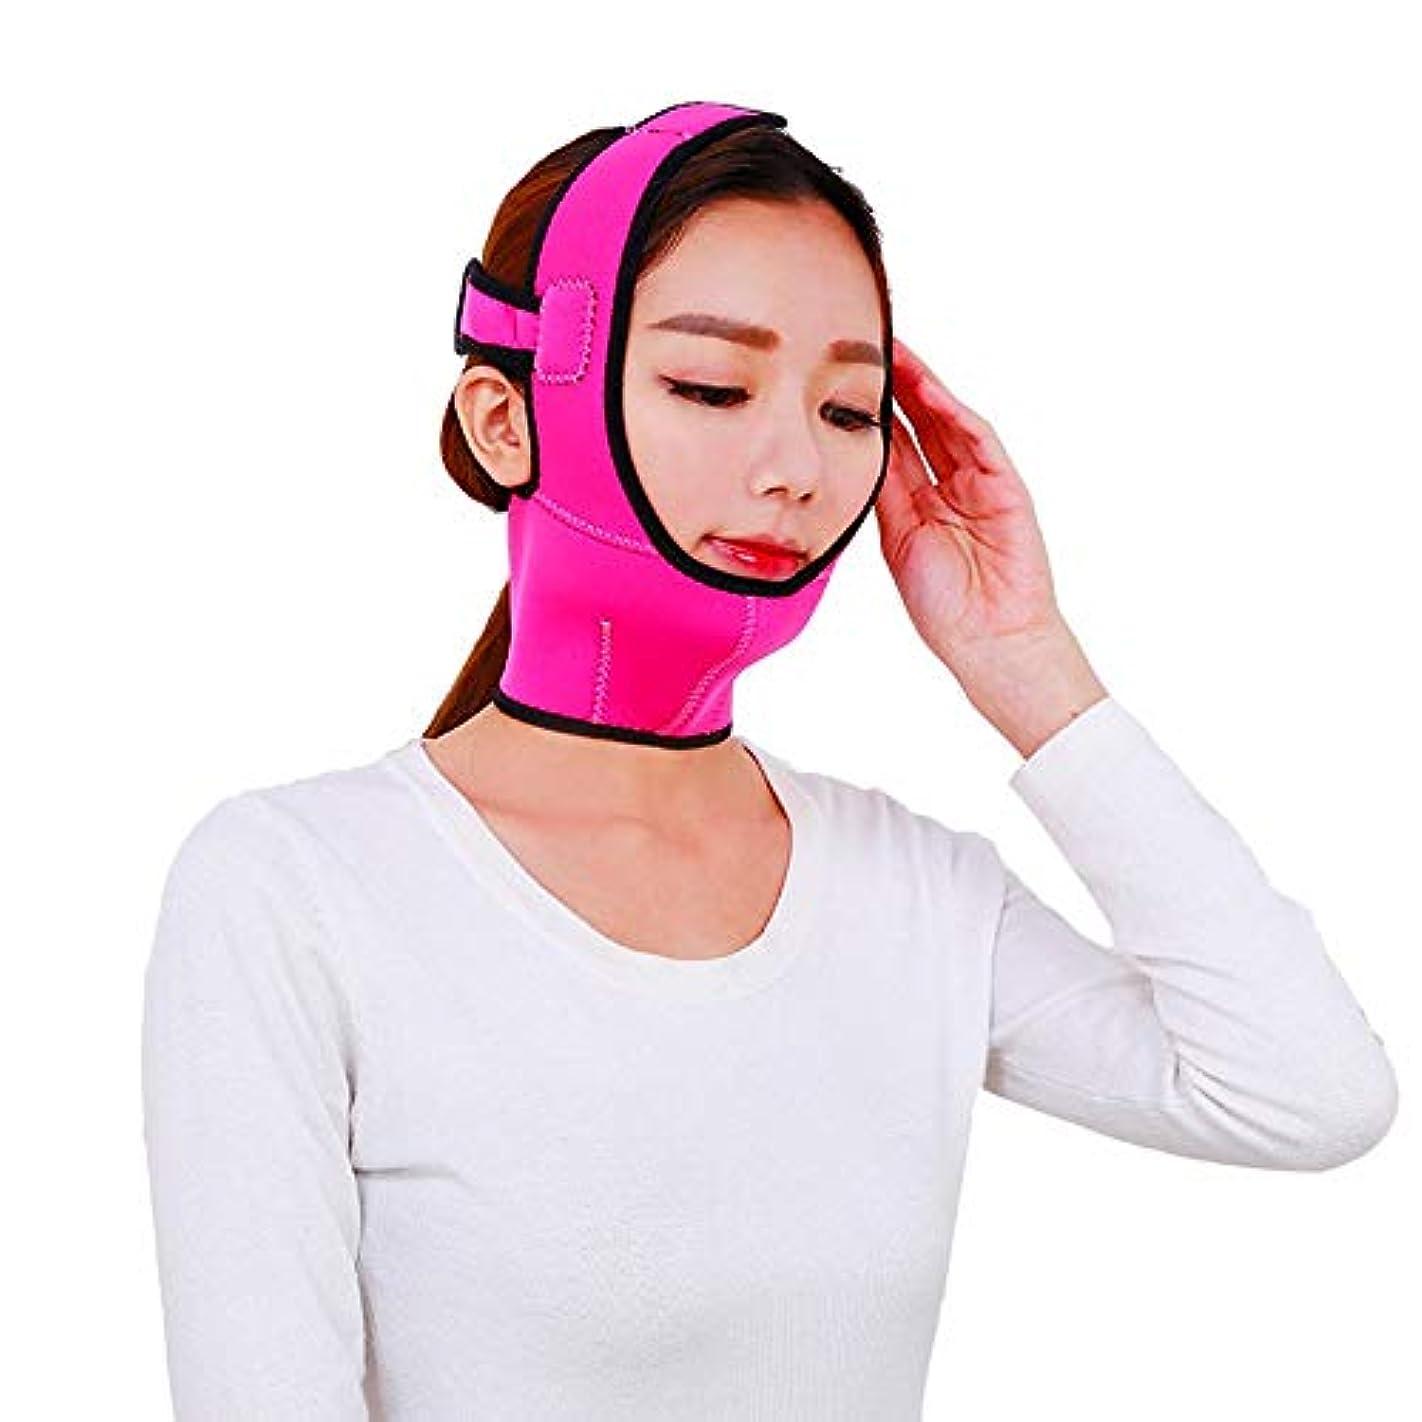 恩赦分析的来てフェイスリフトベルト 顔を持ち上げるベルト通気性の顔面リフティング包帯ダブルチン顔面リフティングマスクを締めるV顔面顔面リフレッシングツール